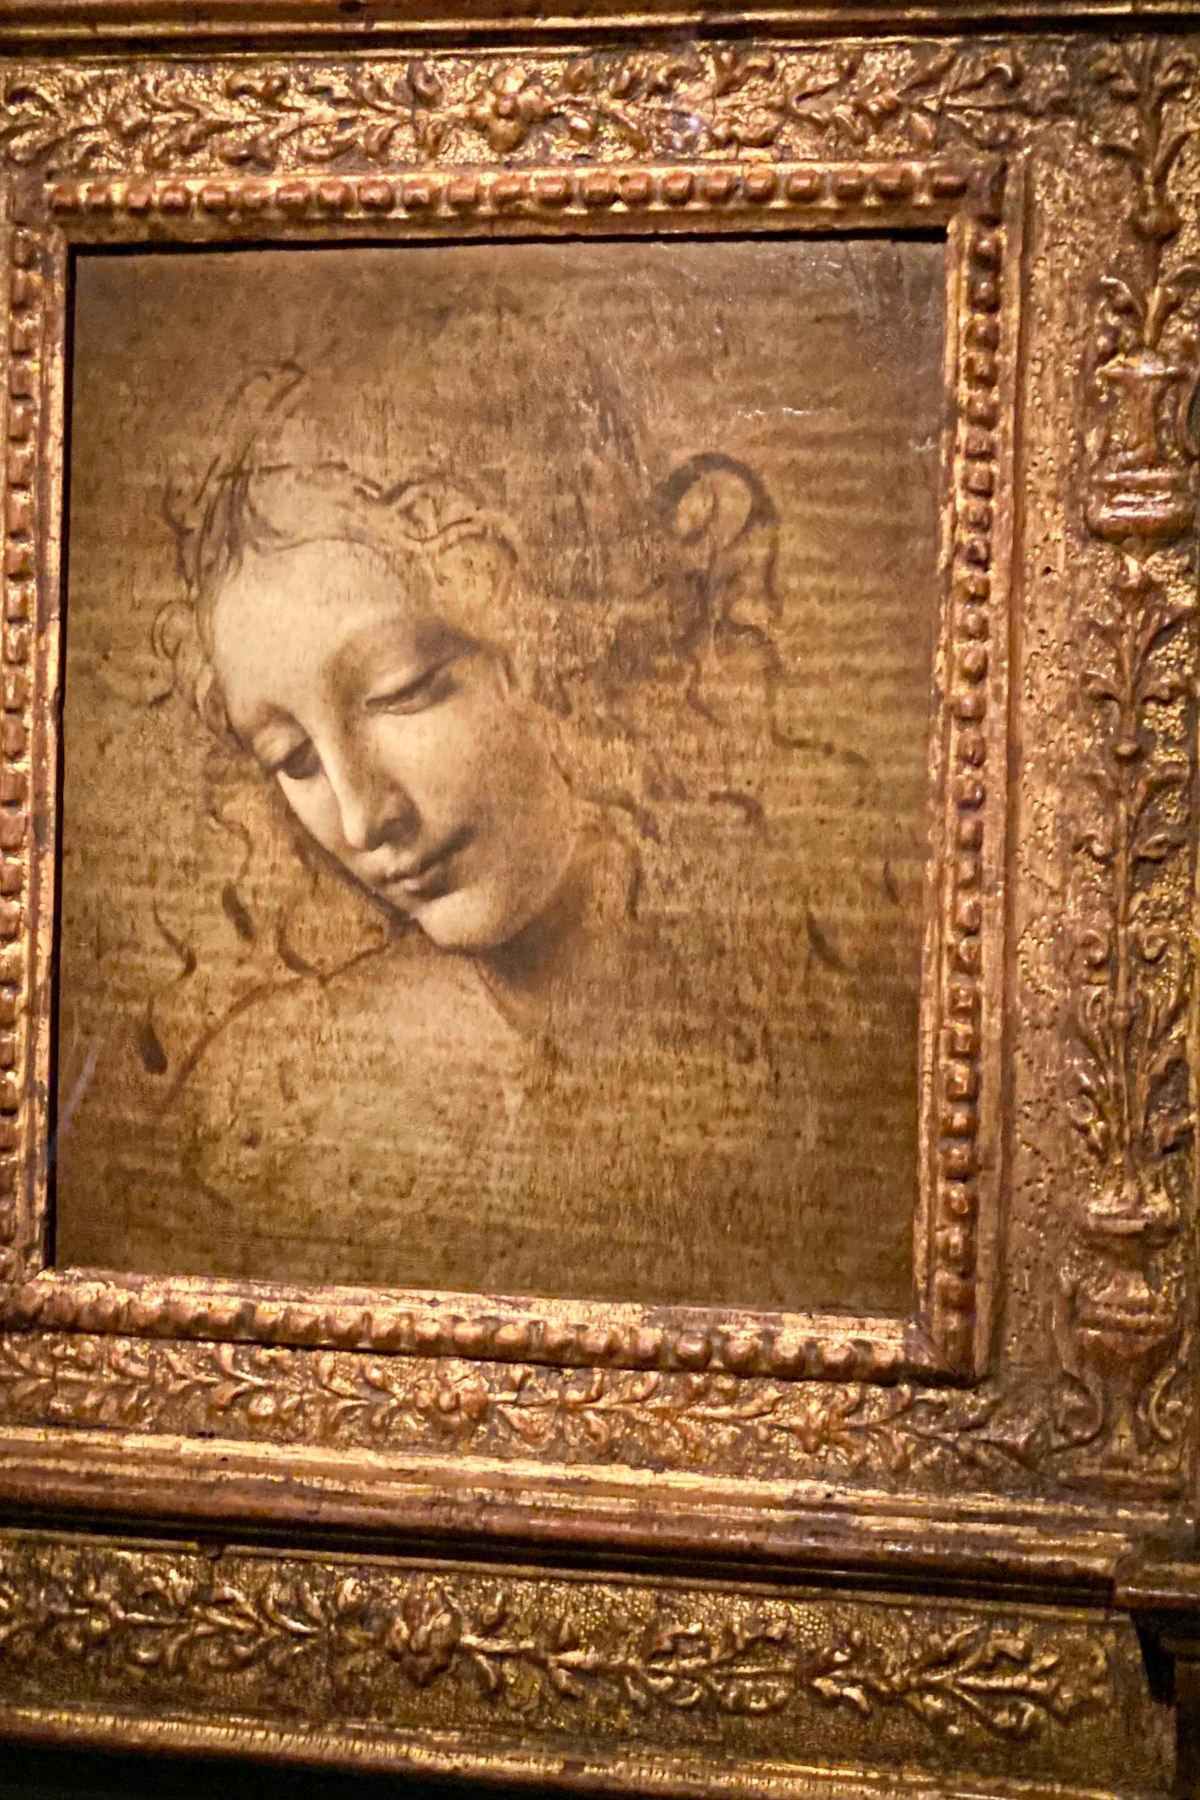 Leonardo da Vinci Exhibition in the Louvre Museum: Female Head